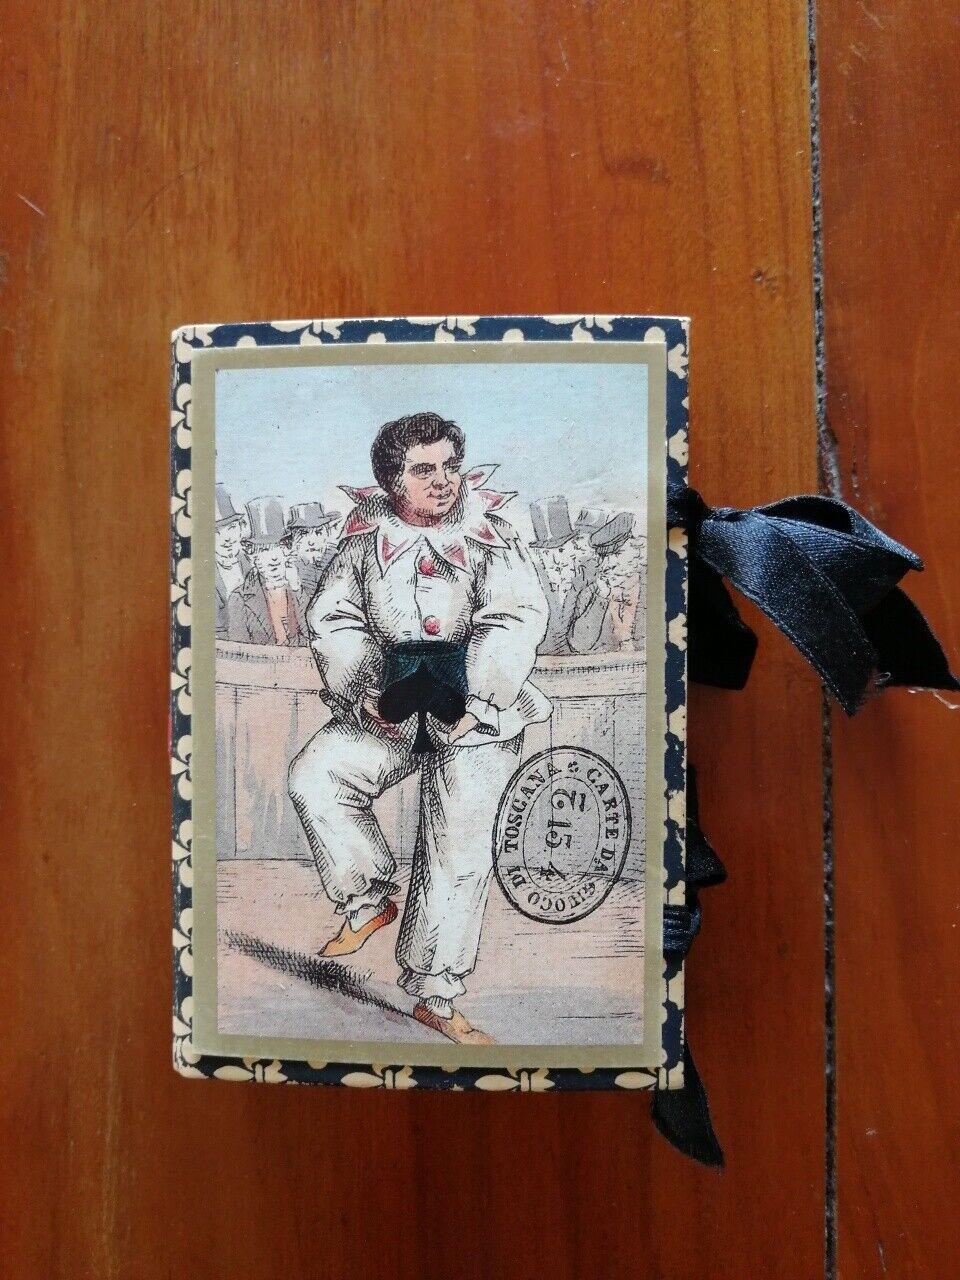 descuento Tarojo 52 52 52 Cochete Toscane - Florence 1850 ca.   by ADOLFO MATARELLI  entrega rápida